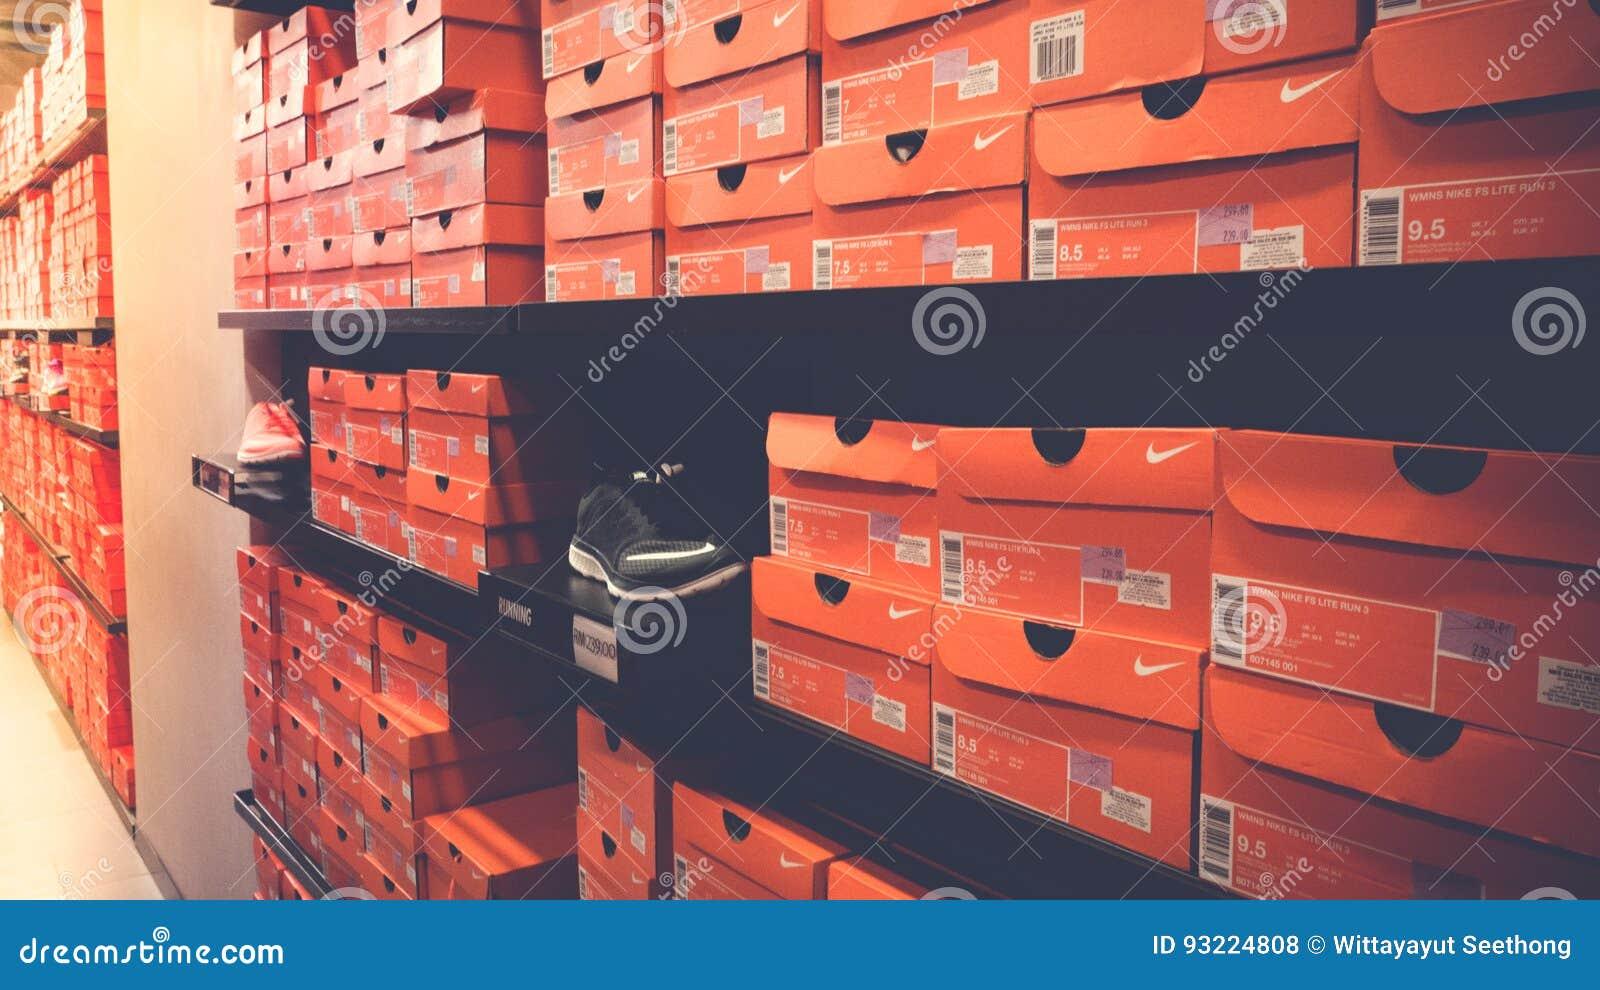 Foto De Apiladas Cajas Zapatos Fondo Archivo Nike Las 8n4dqgY